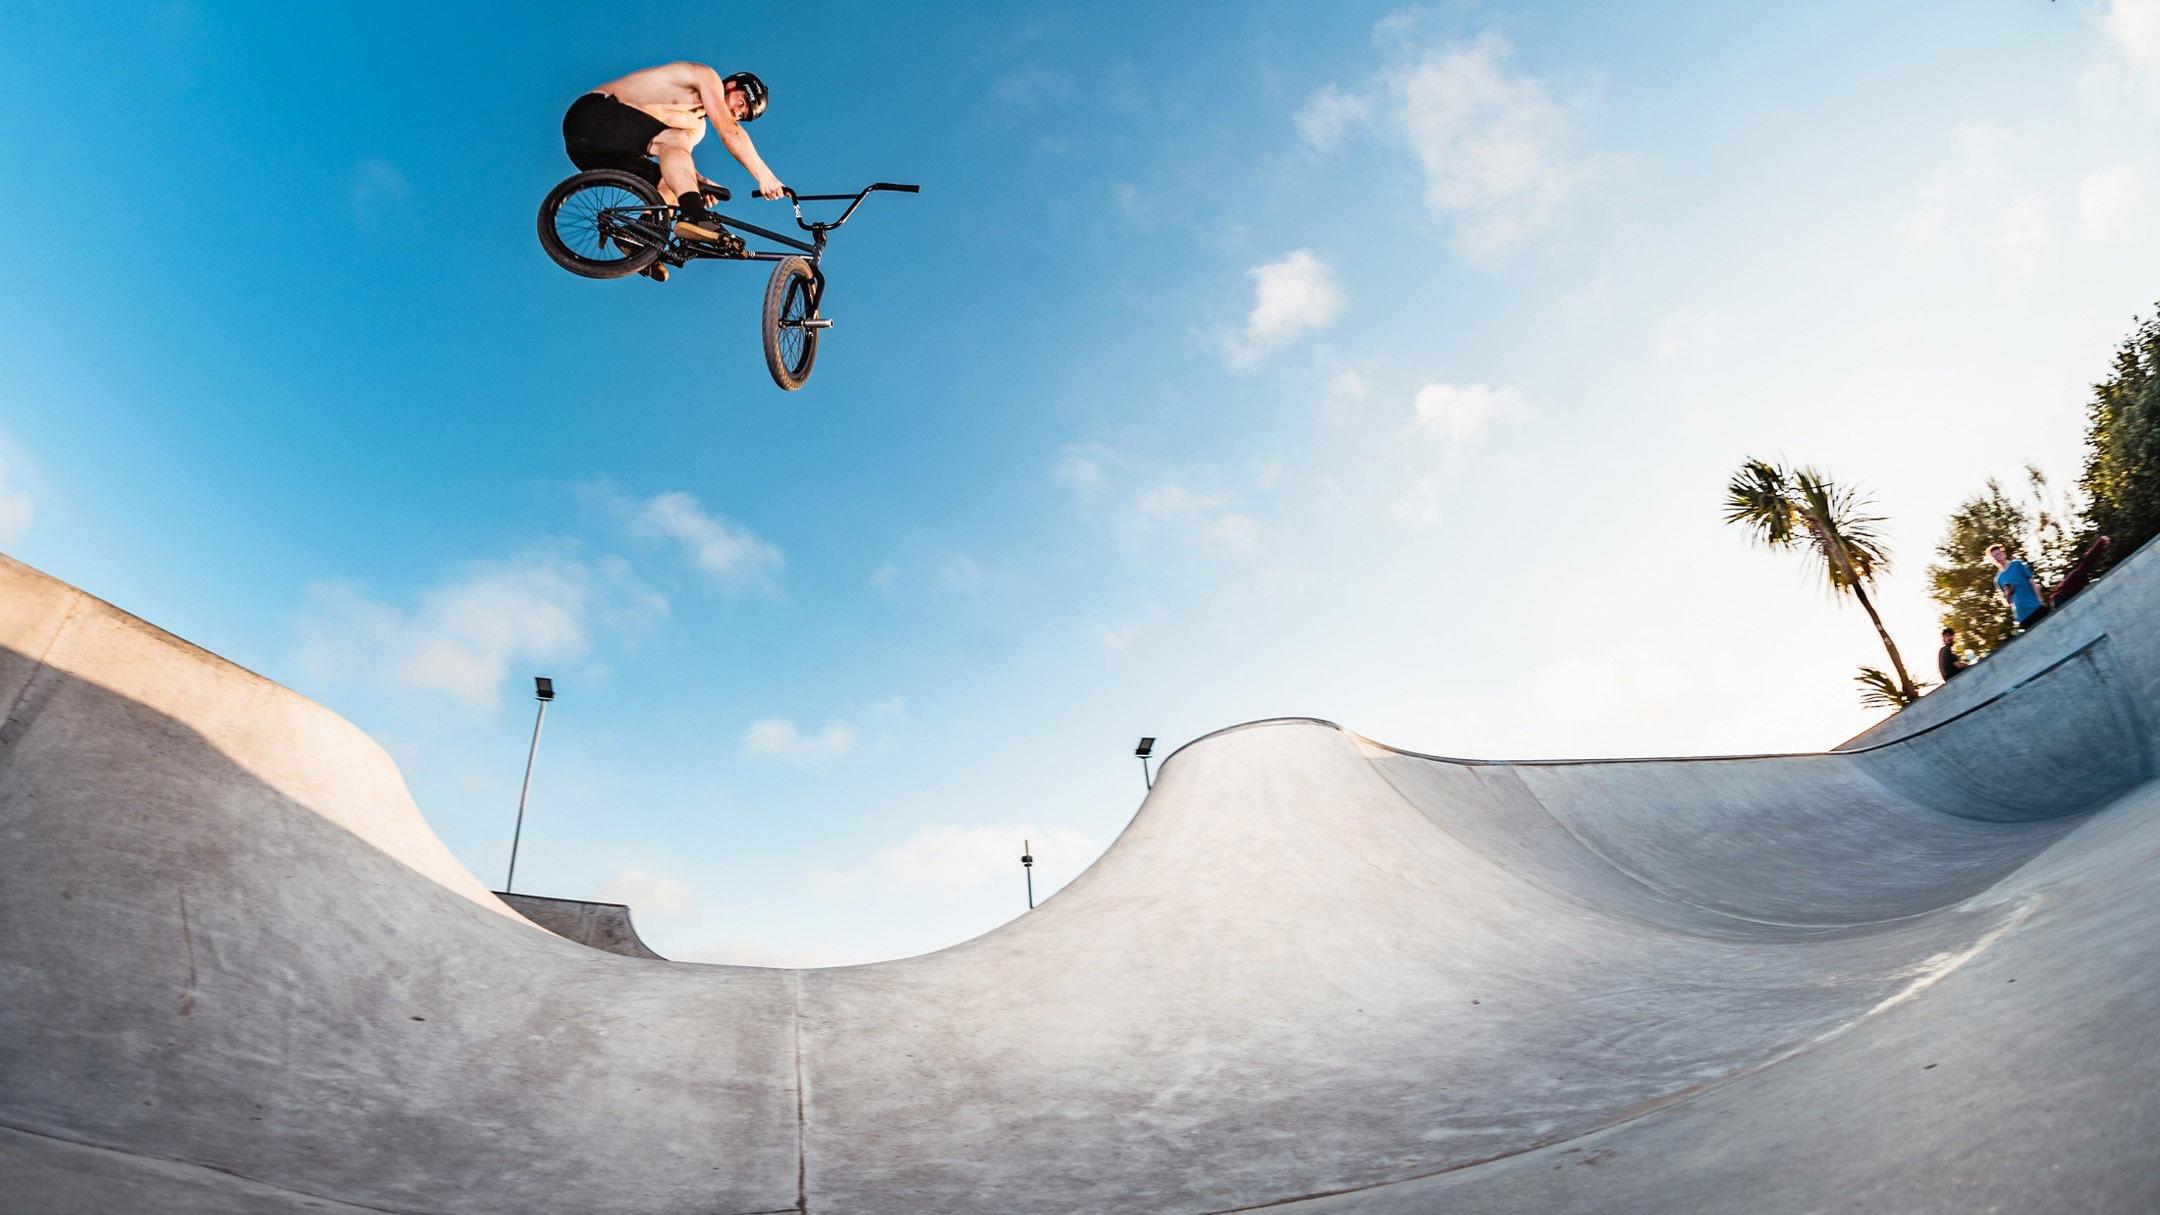 FIRST LOOK: Aaron Wilson